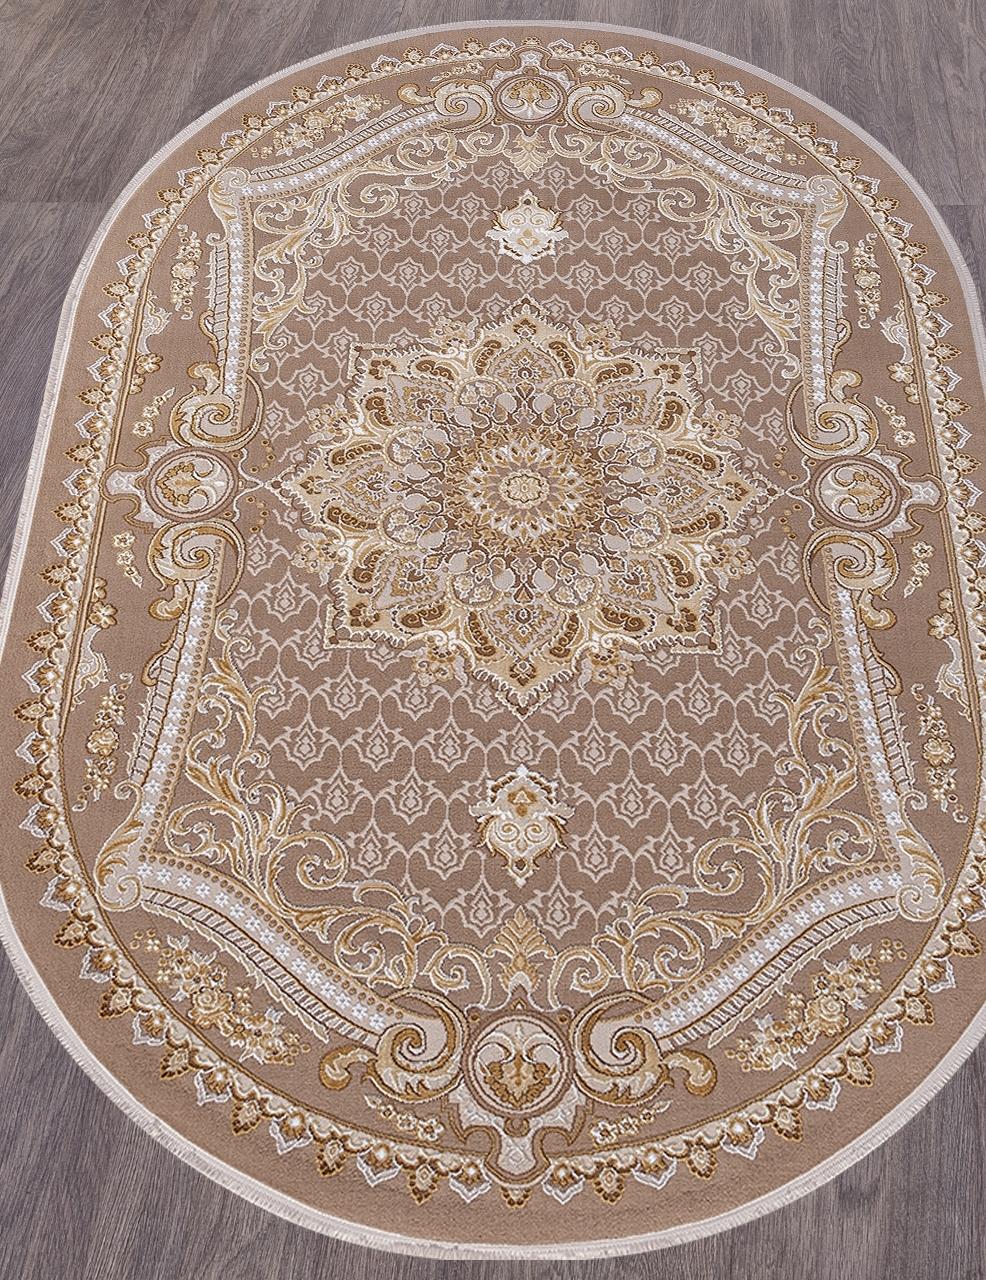 Ковер 33525 - 070 BEIGE - Овал - коллекция QATAR - фото 1